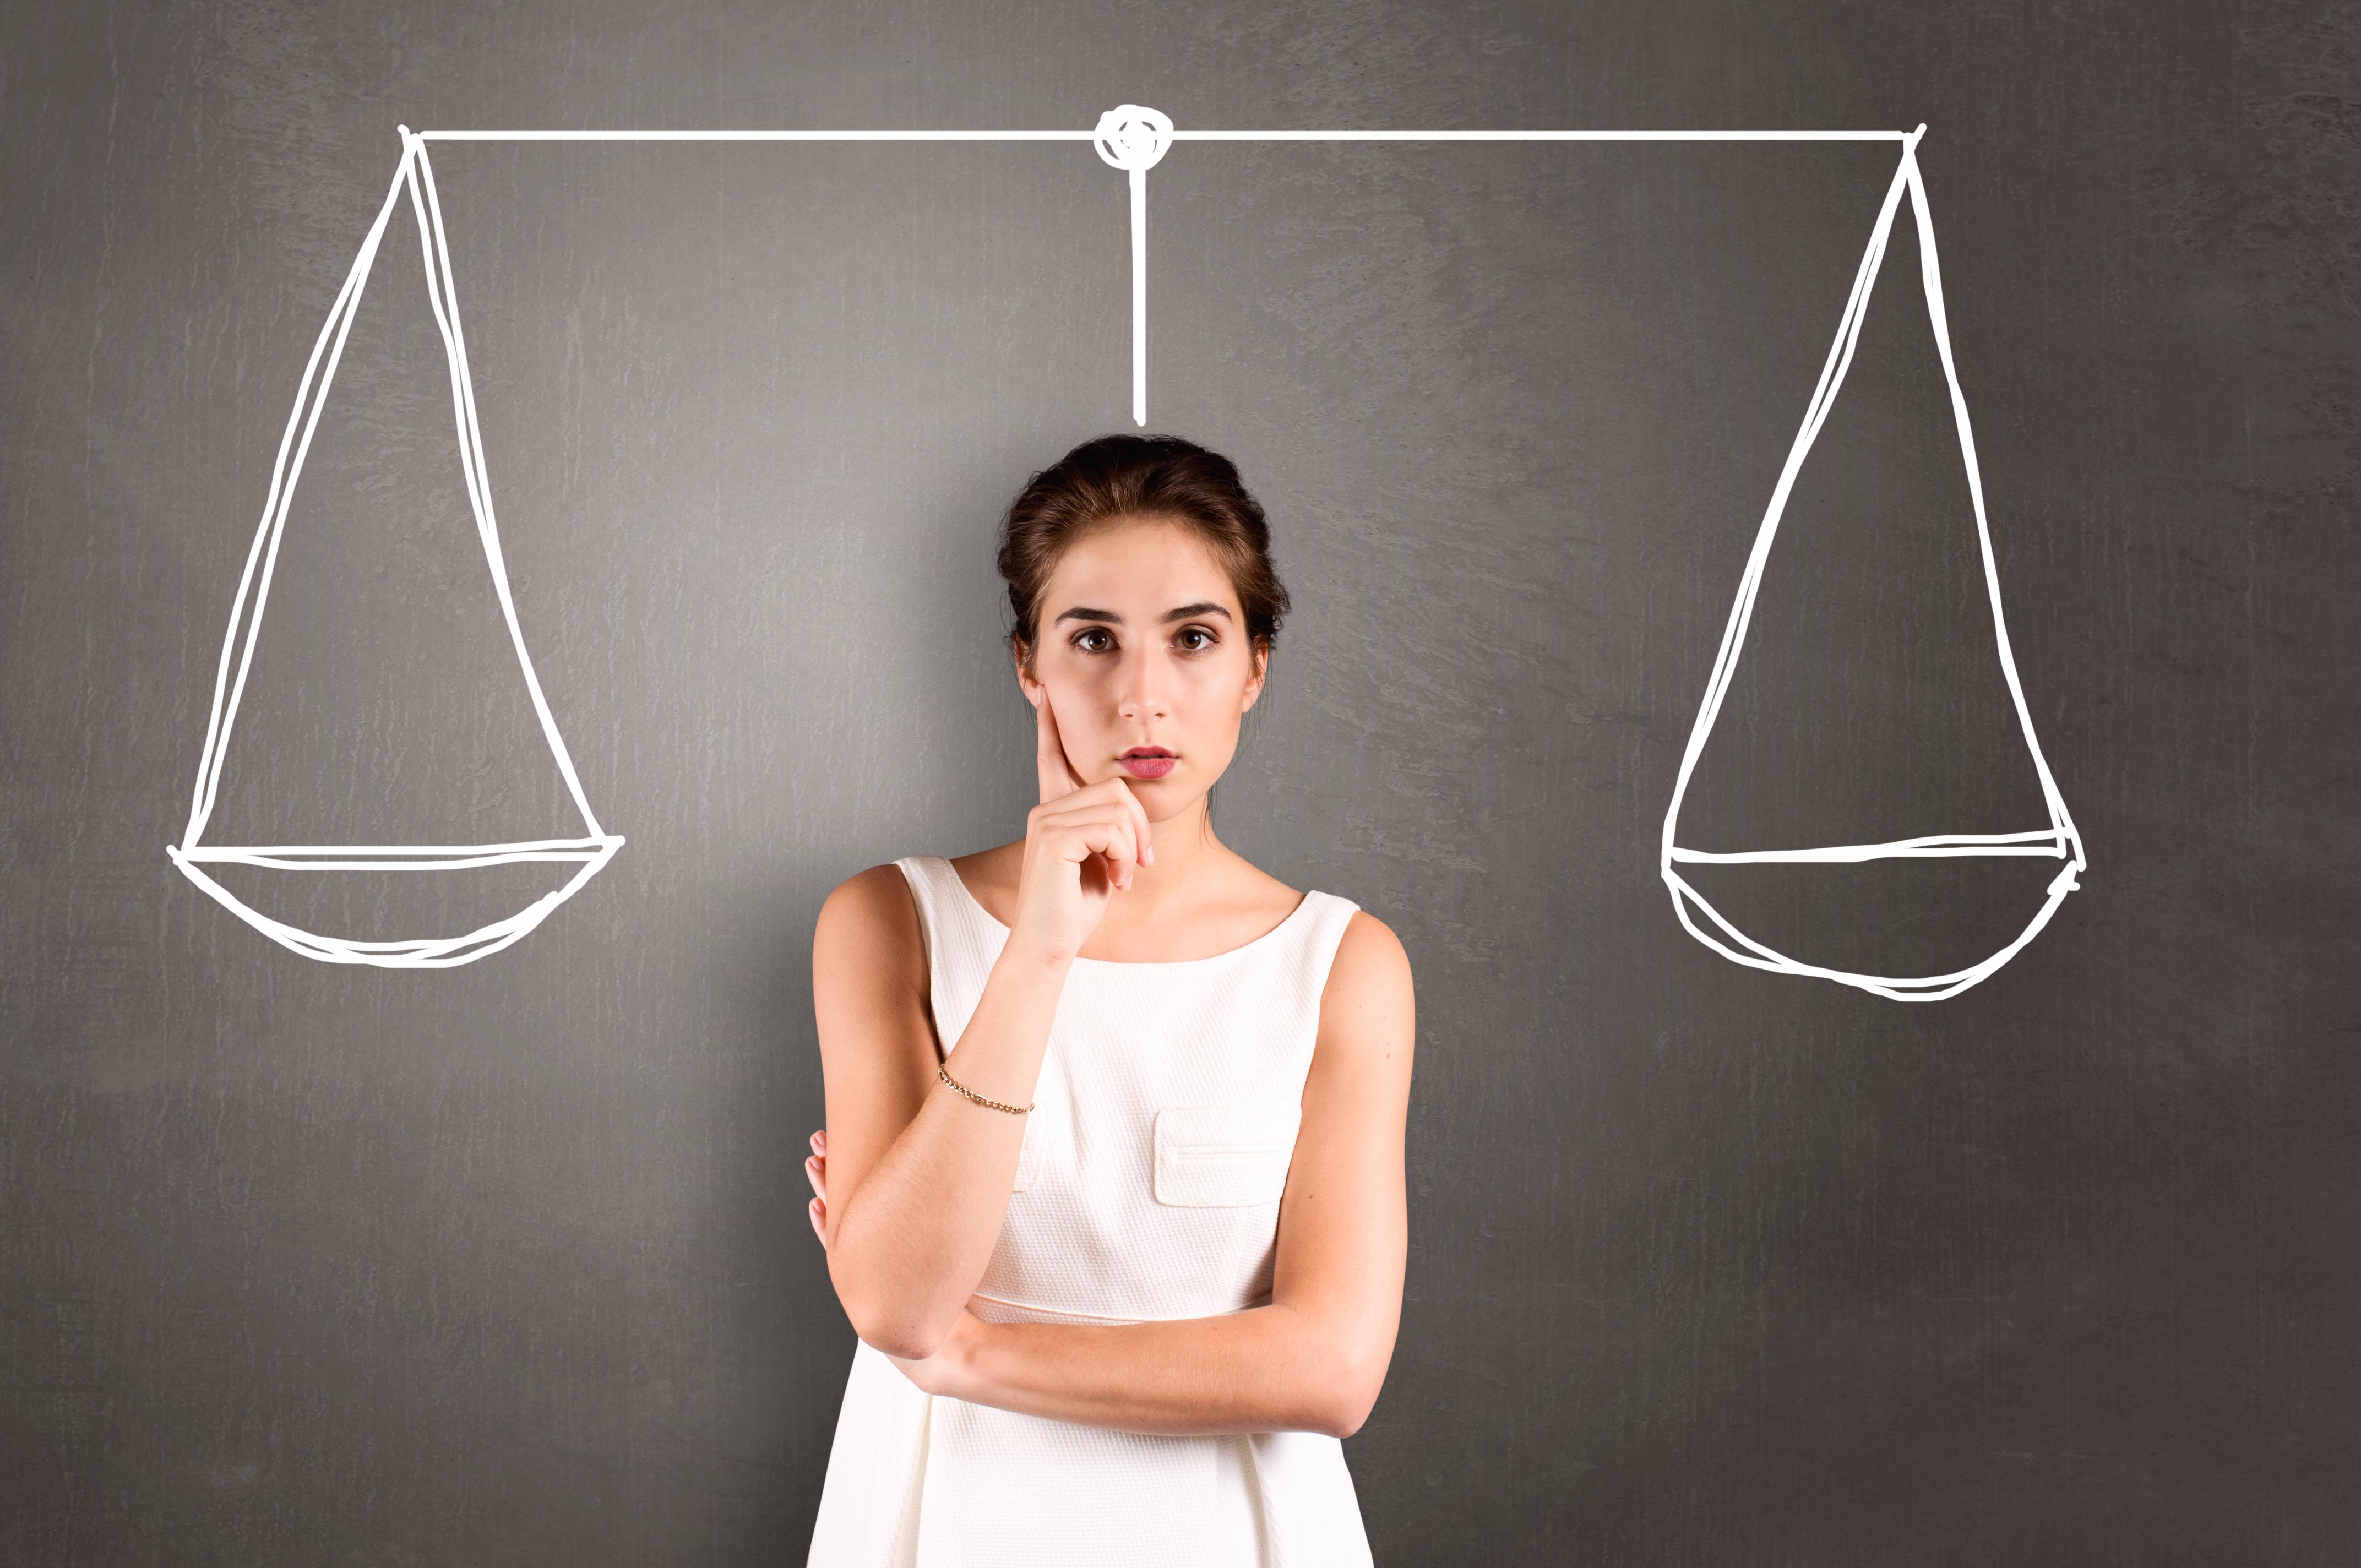 Магистратура или бакалавриат - что выбрать? | университет синергия